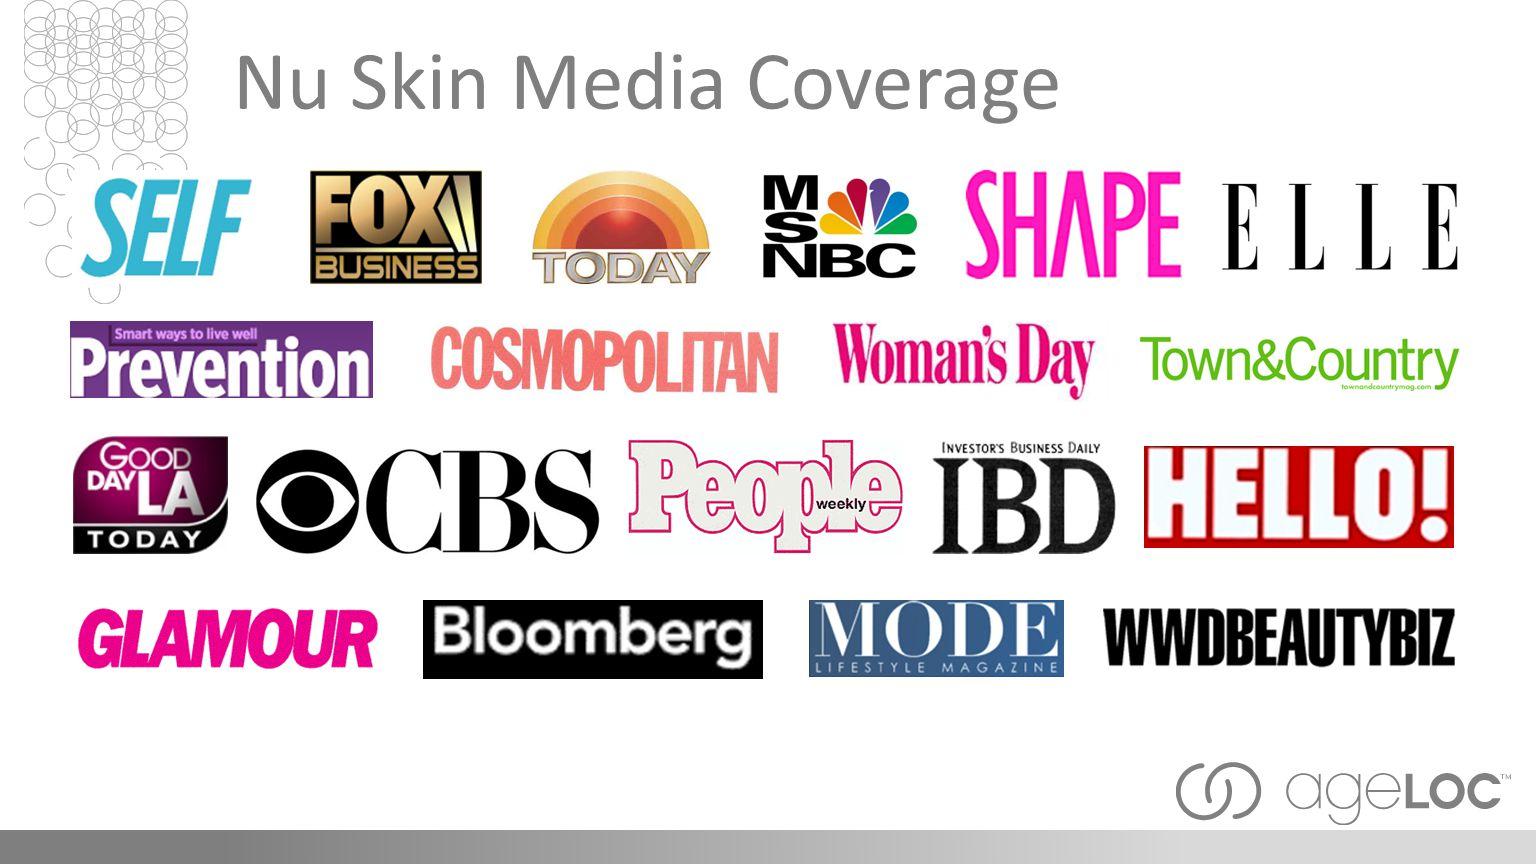 Nu Skin Media Coverage